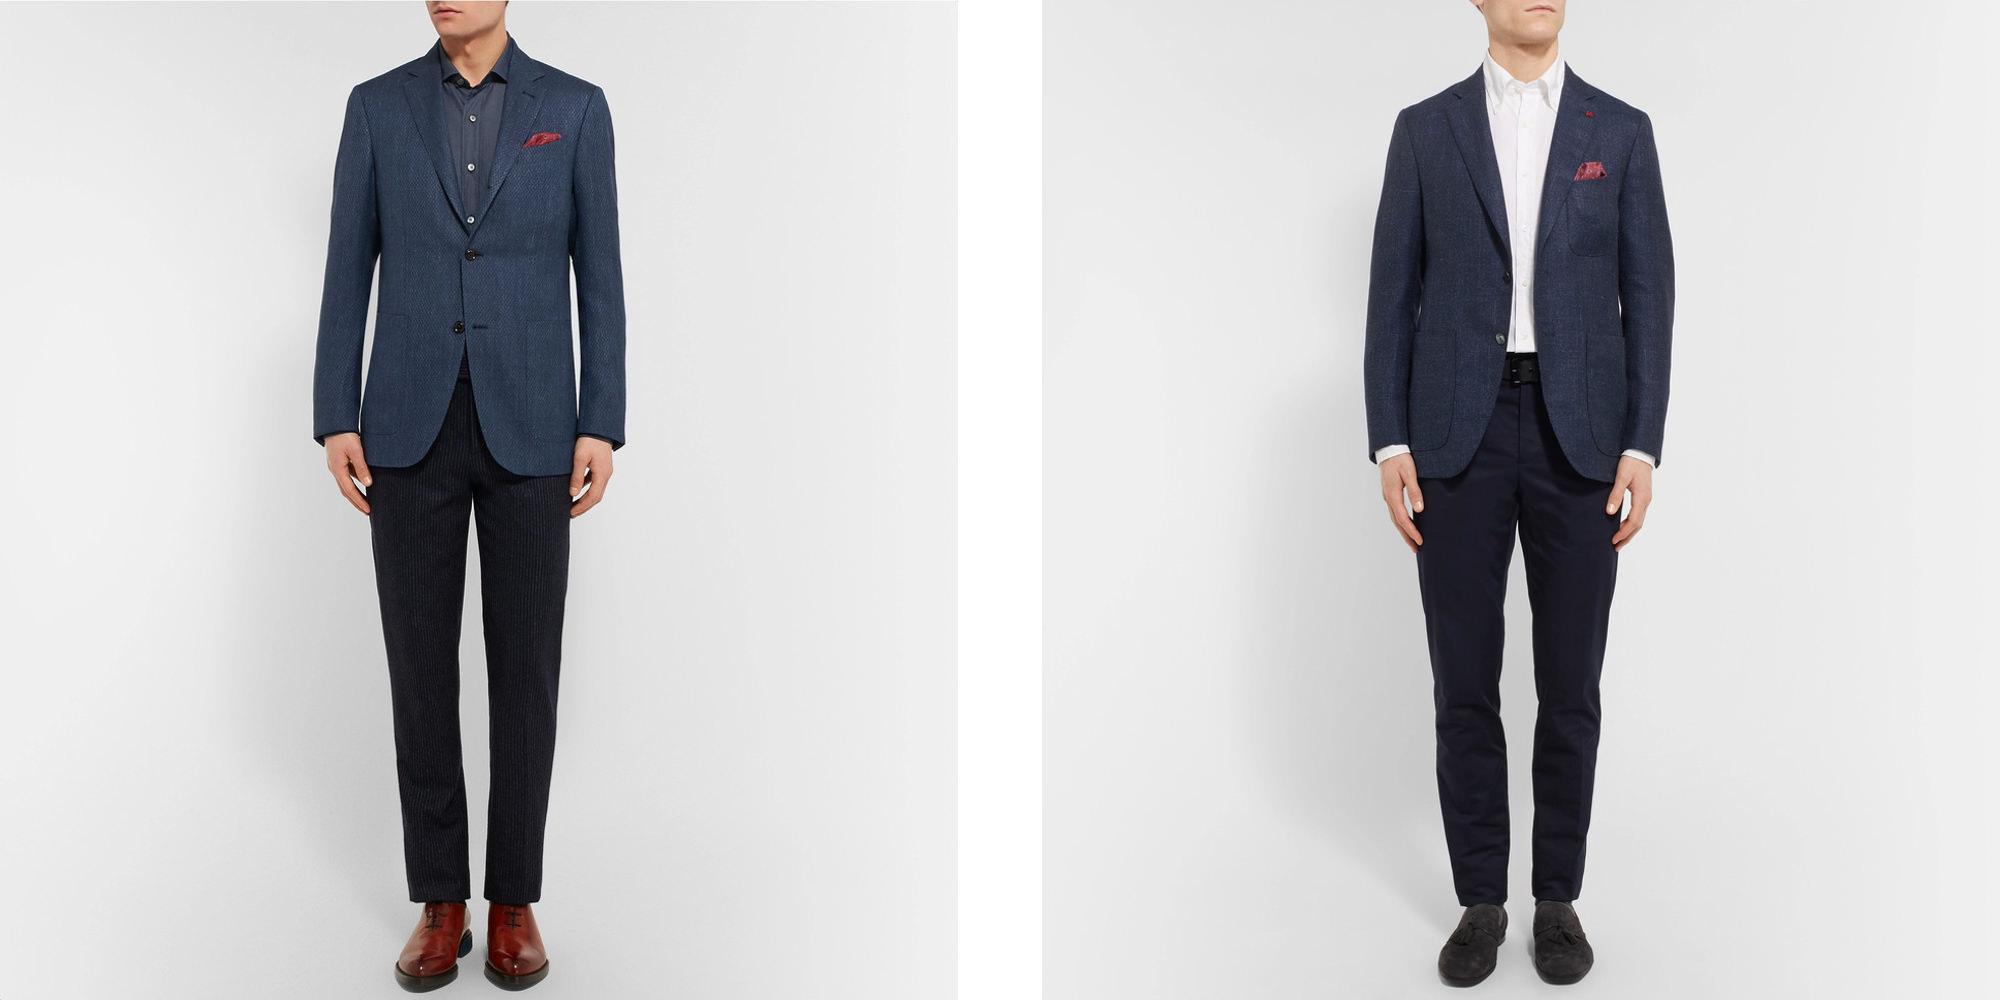 comment choisir et porter un blazer homme ou une veste homme. Black Bedroom Furniture Sets. Home Design Ideas